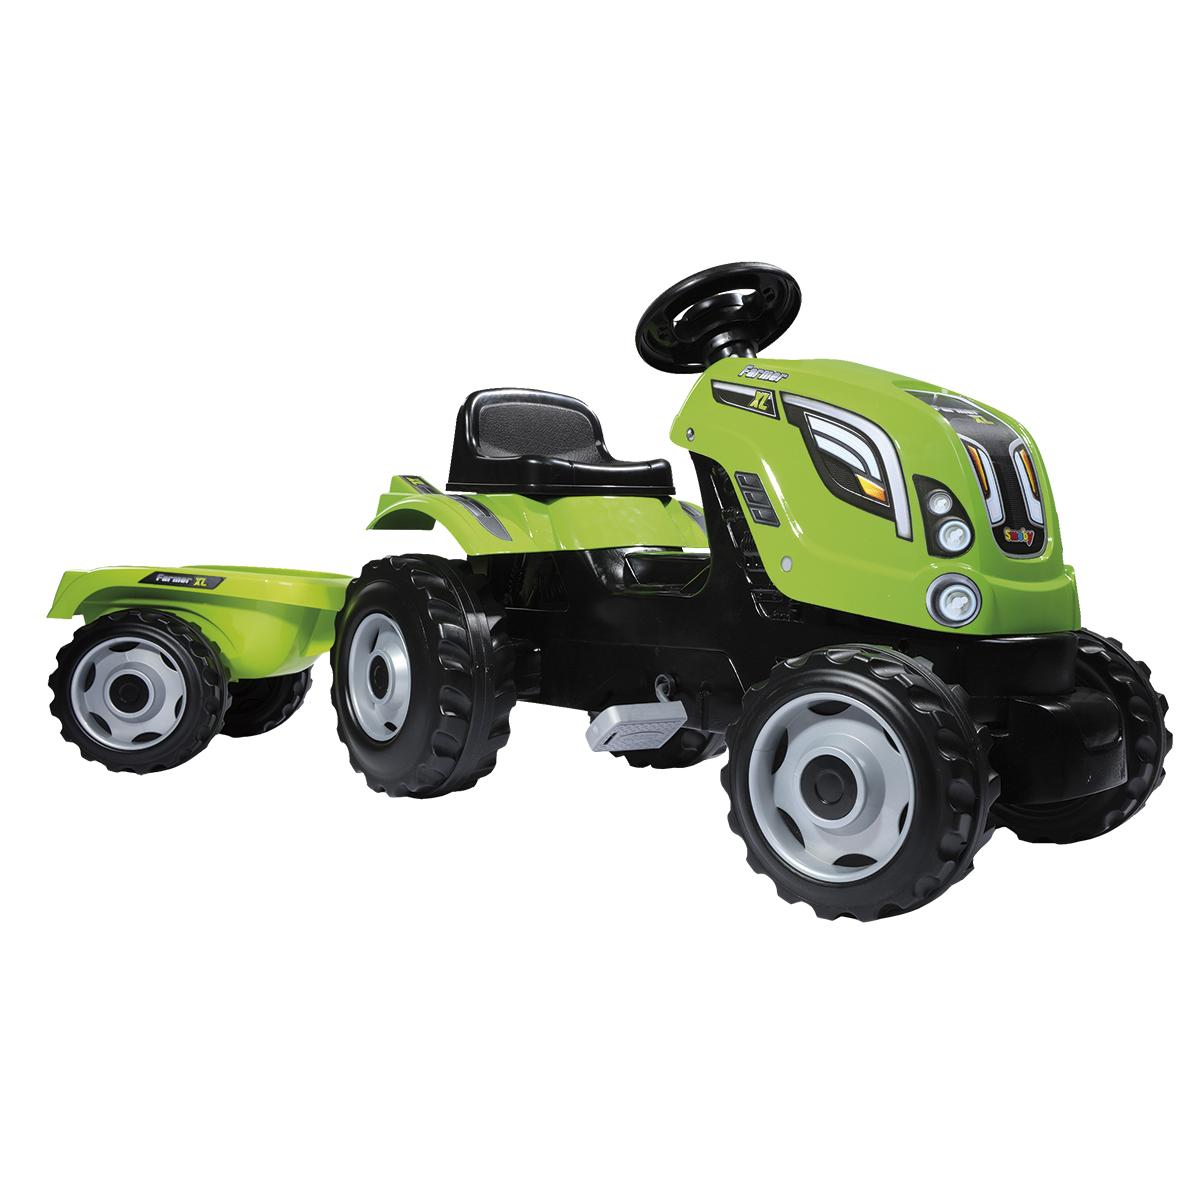 Billede af Smoby traktor med anhænger - Grøn